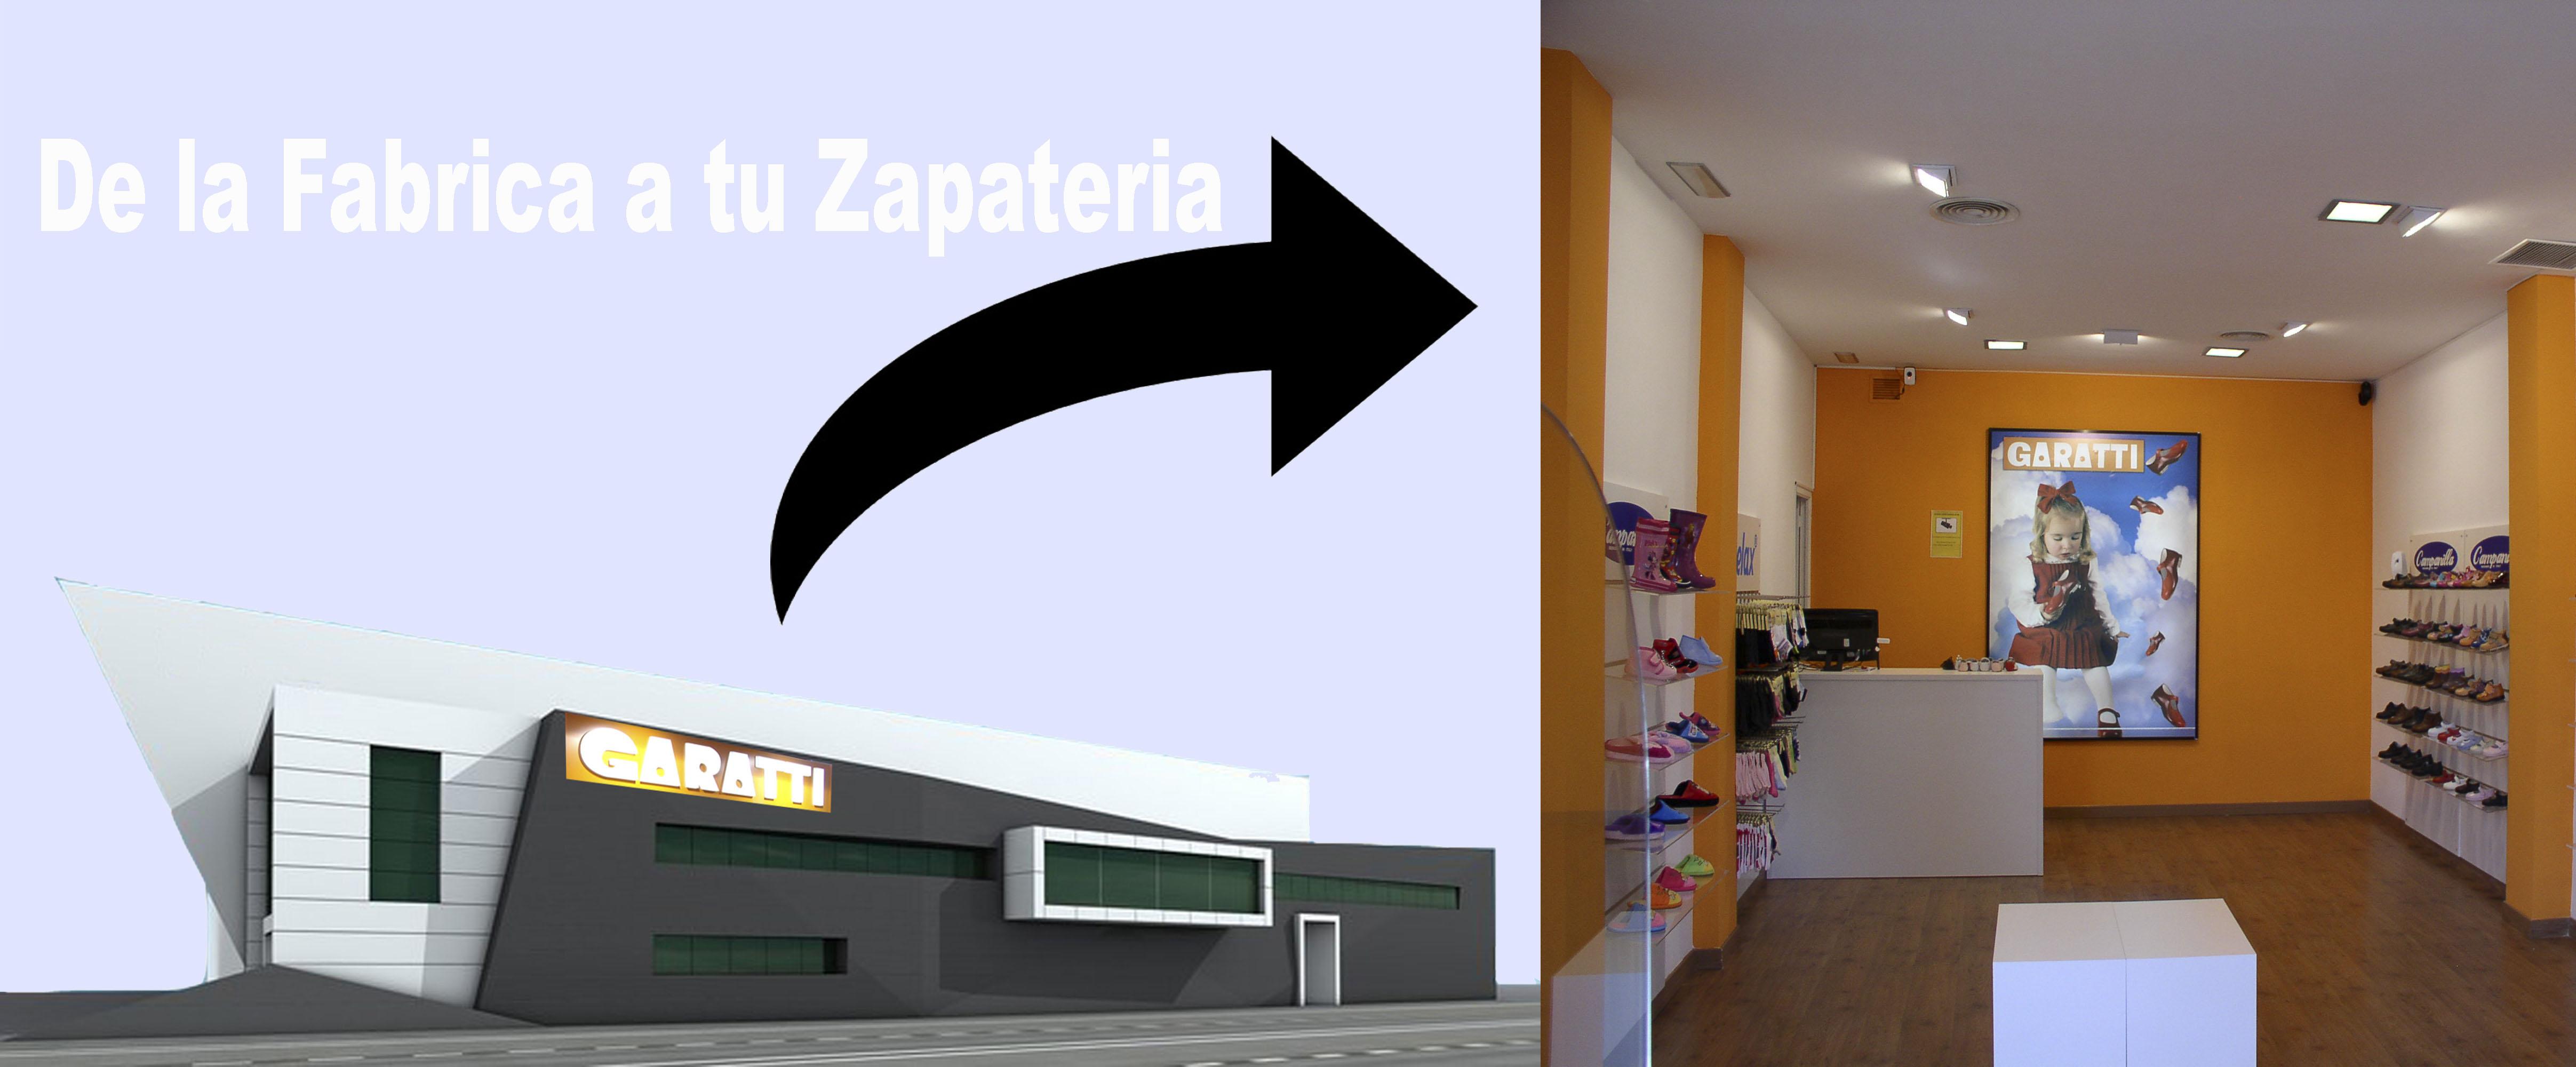 De la Fabrica a tu Zapateria